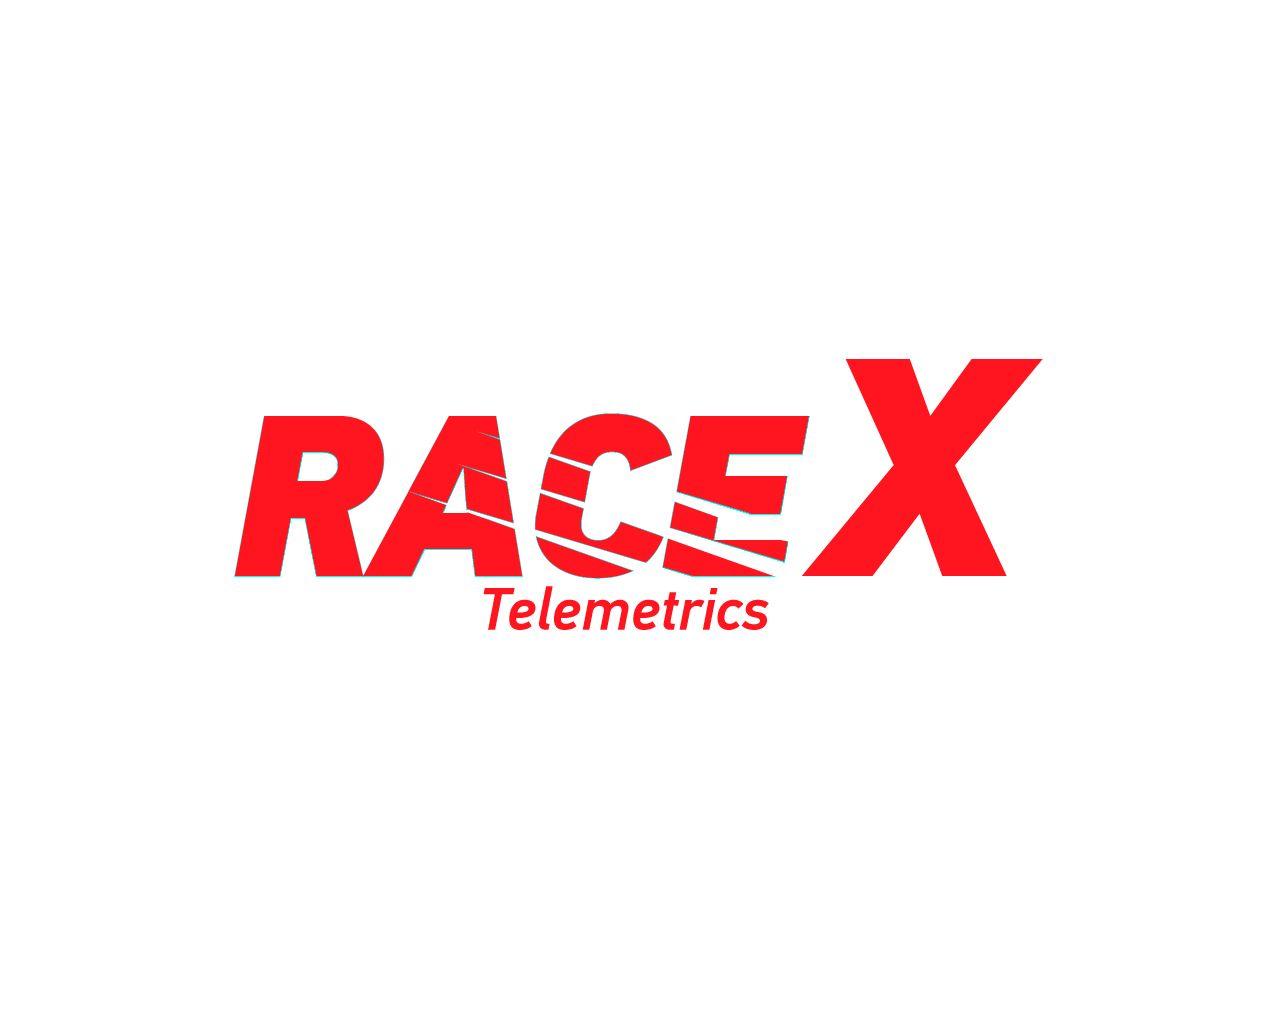 Логотип RaceX Telemetrics  - дизайнер chtozhe